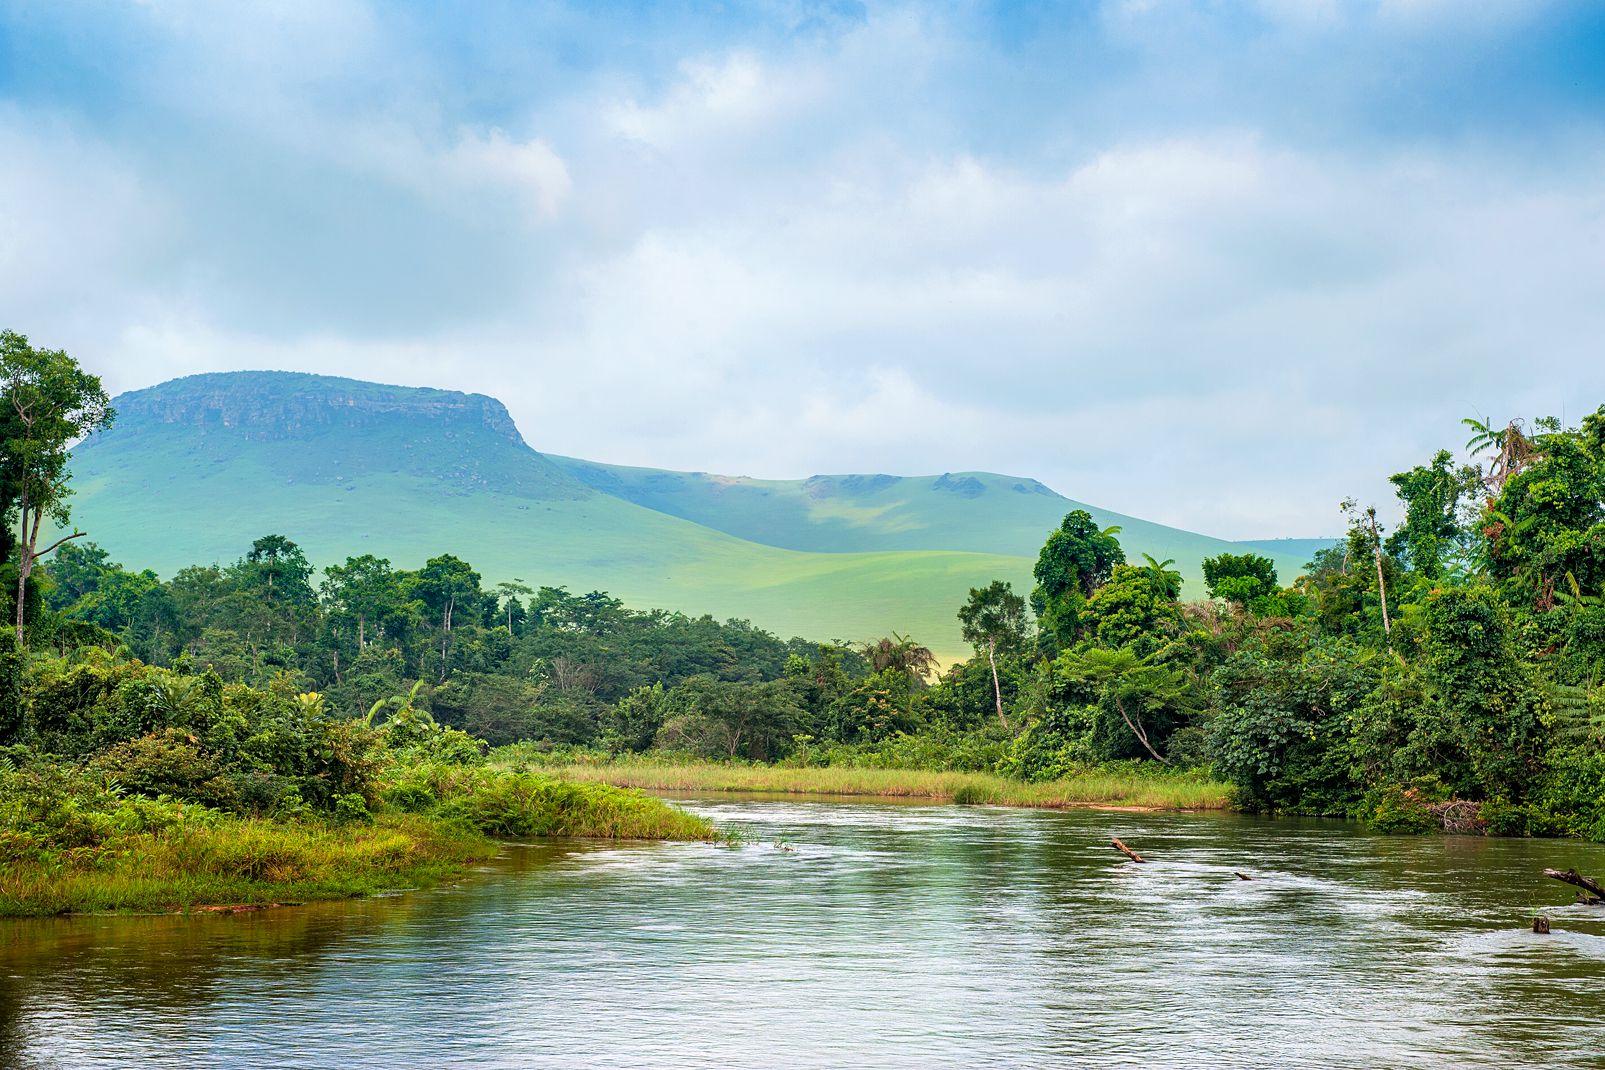 afrique, république, démocratique, congo, jungle, rivière, eau, végétation, paysage